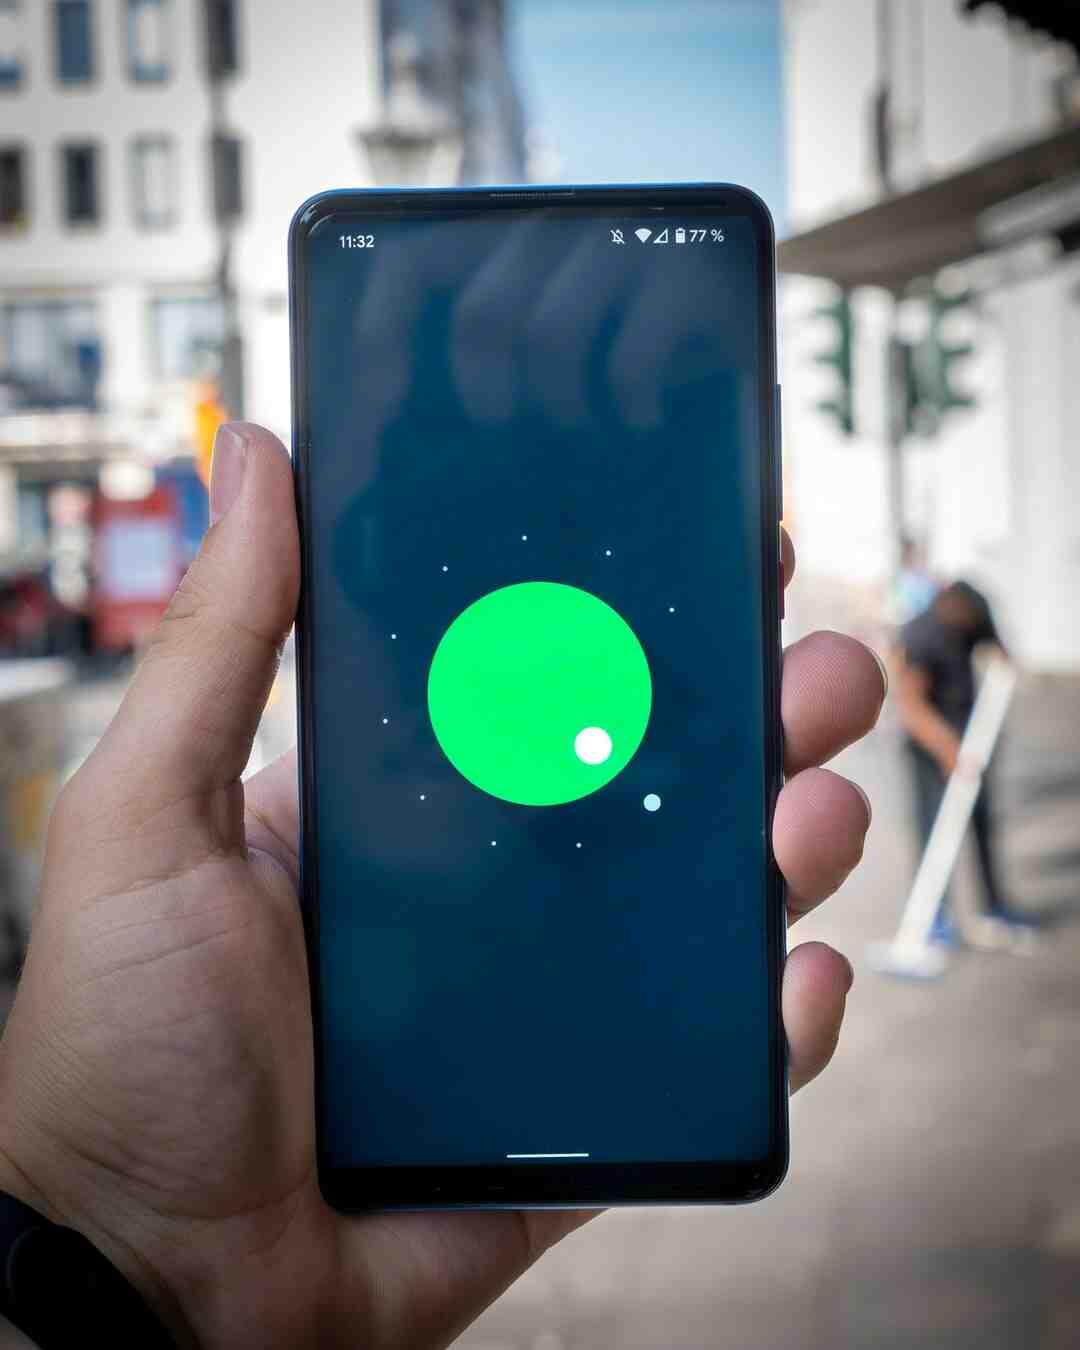 Comment localiser un portable gratuitement et discrètement ?